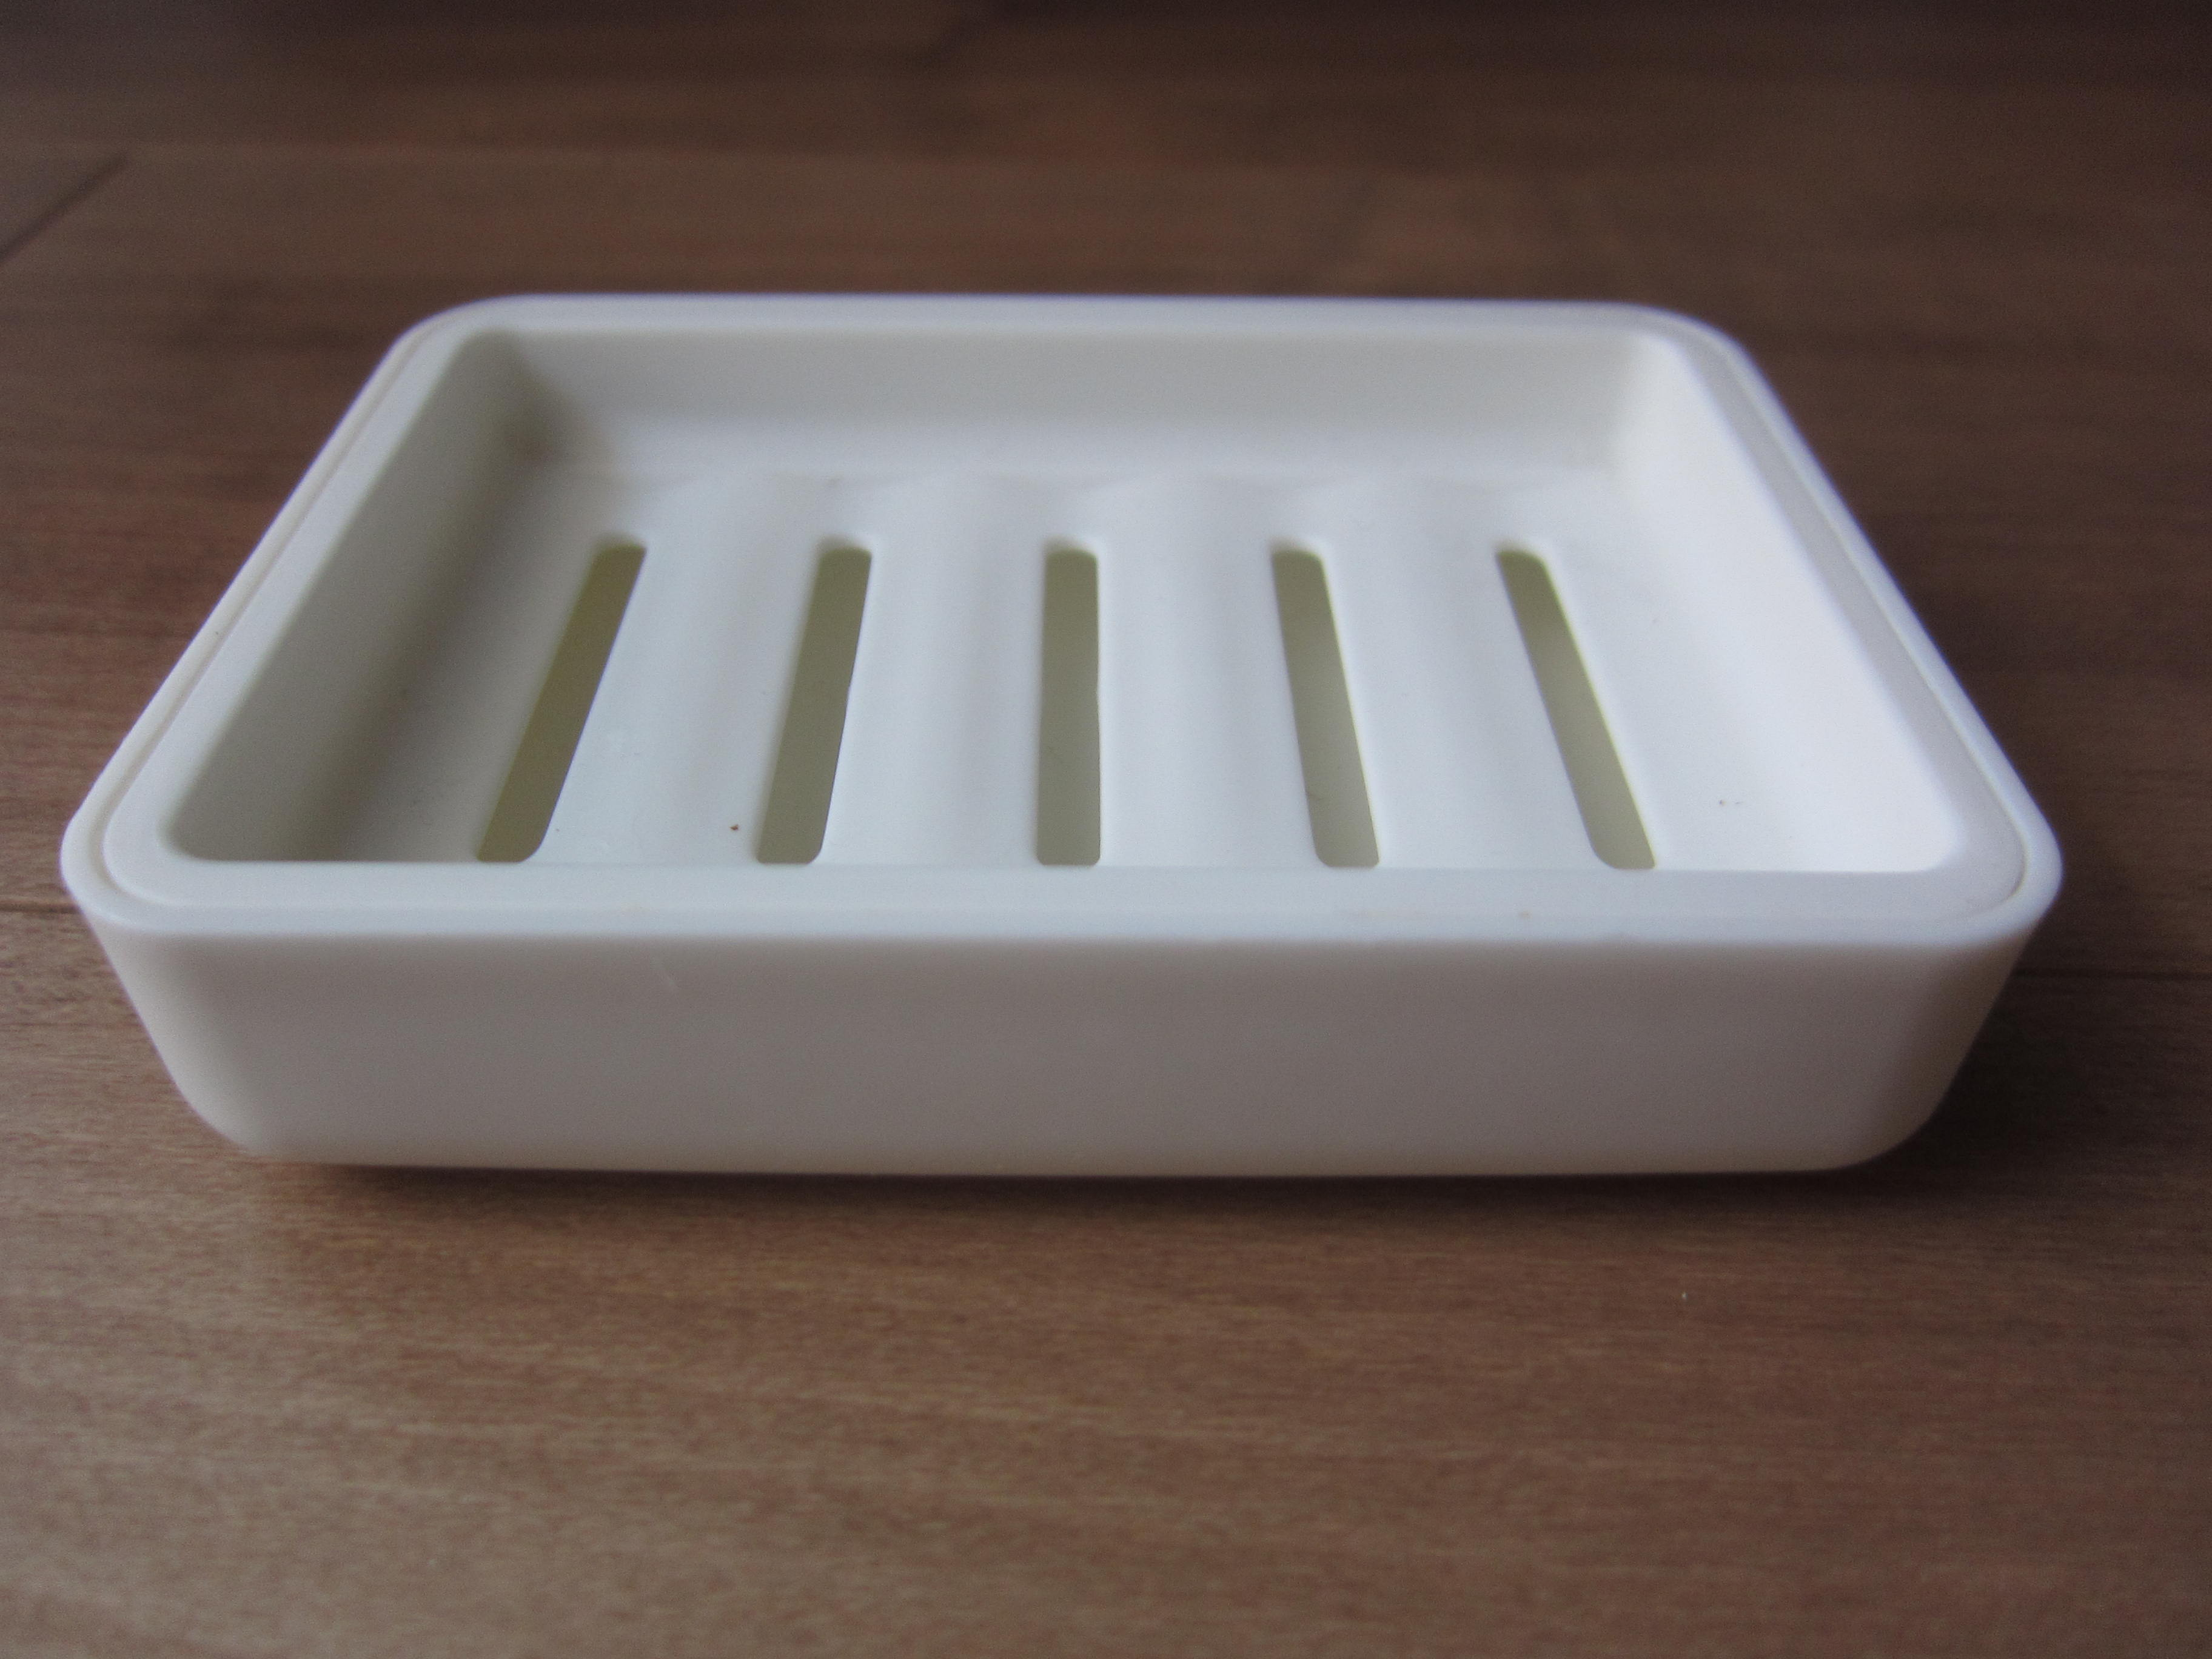 受け皿の上にスポンジを置き、その上に石鹸を置いて使います。形も色もとってもシンプルで清潔感のあるデザインです。スポンジの真ん中には石鹸を置くためのくぼみが  ...